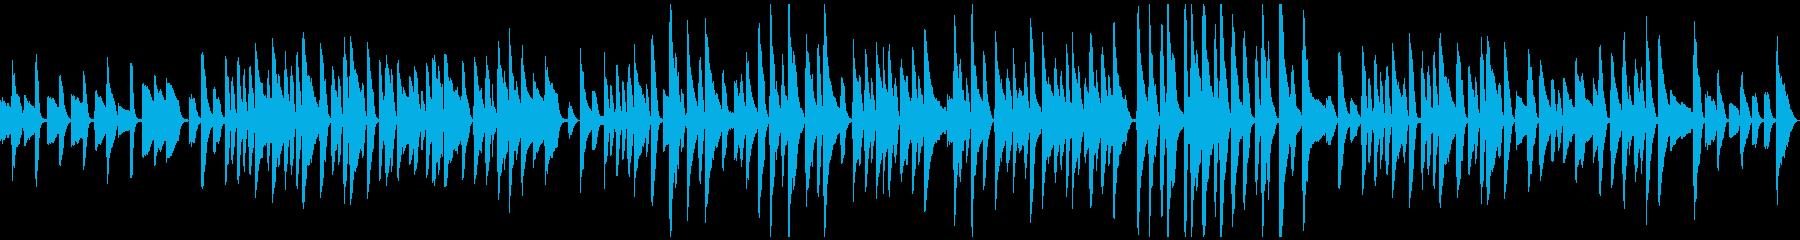 ゆったり軽やかピアノソロラグタイムの再生済みの波形